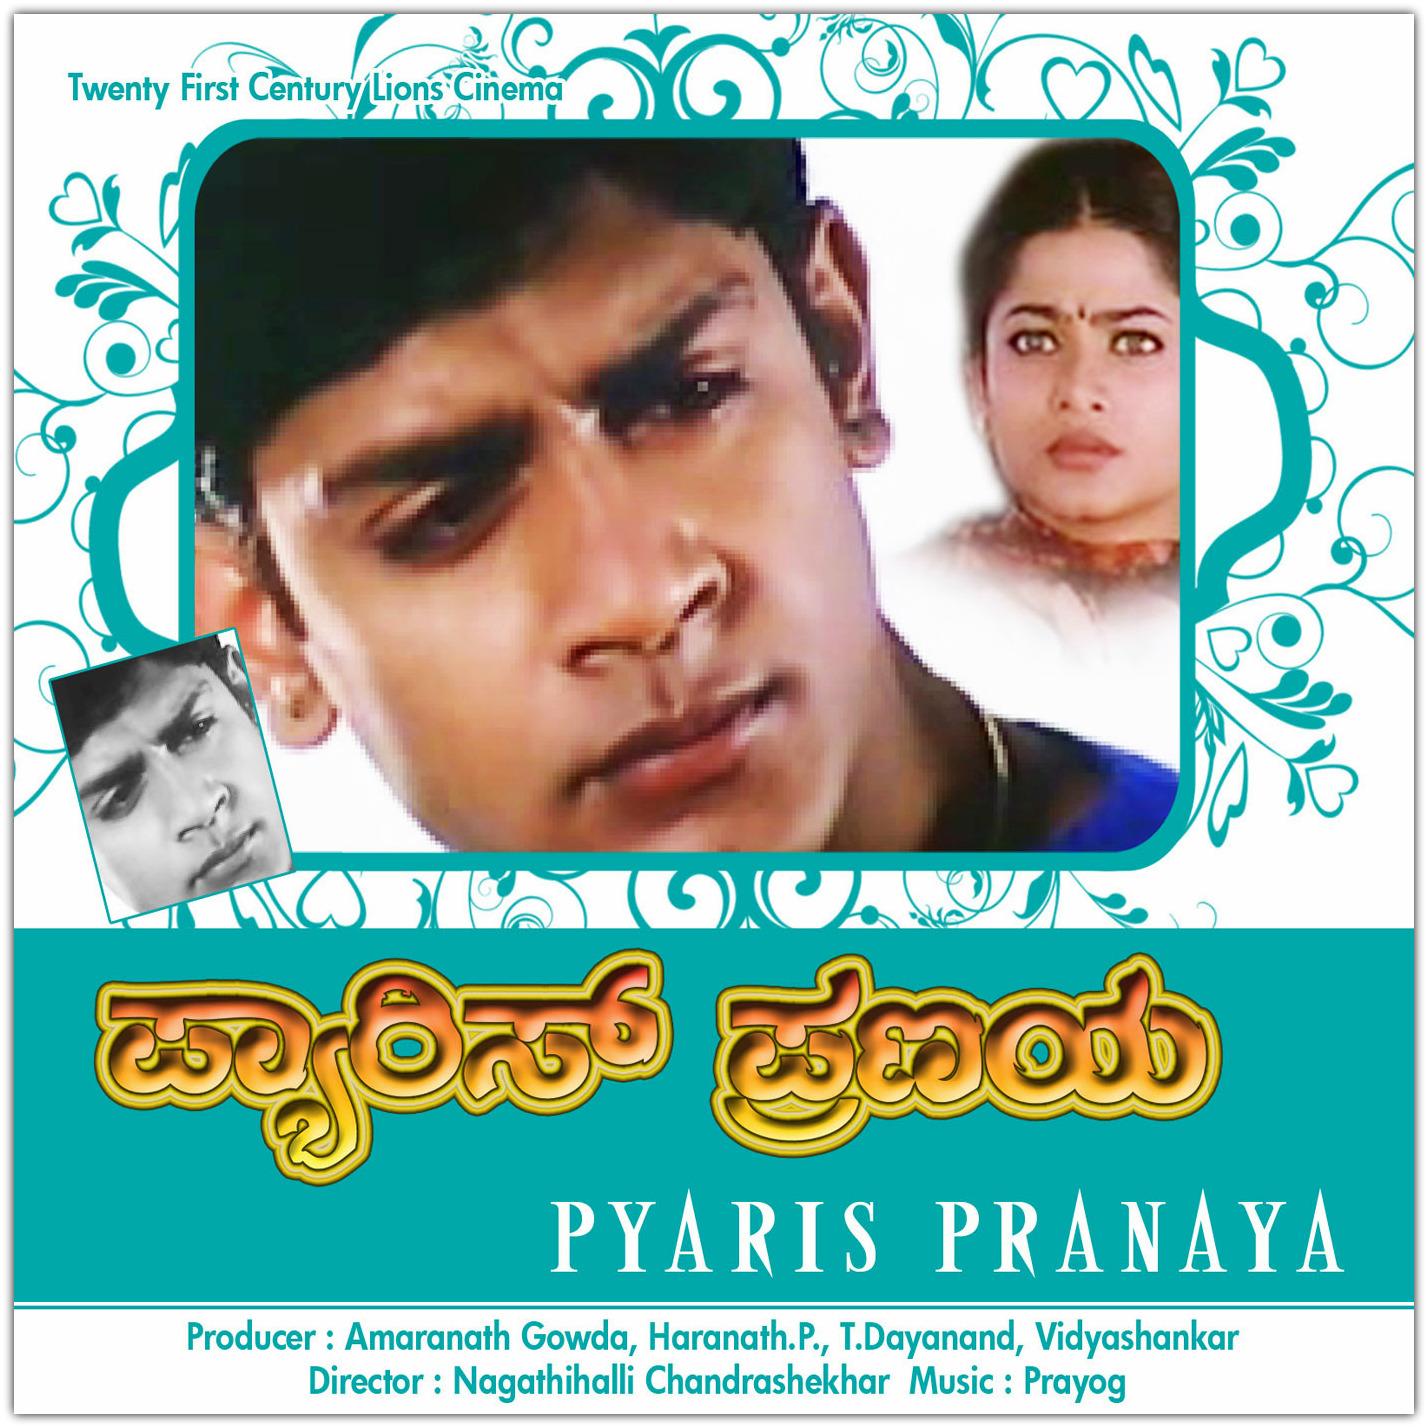 dj movie mp3 song download hindi